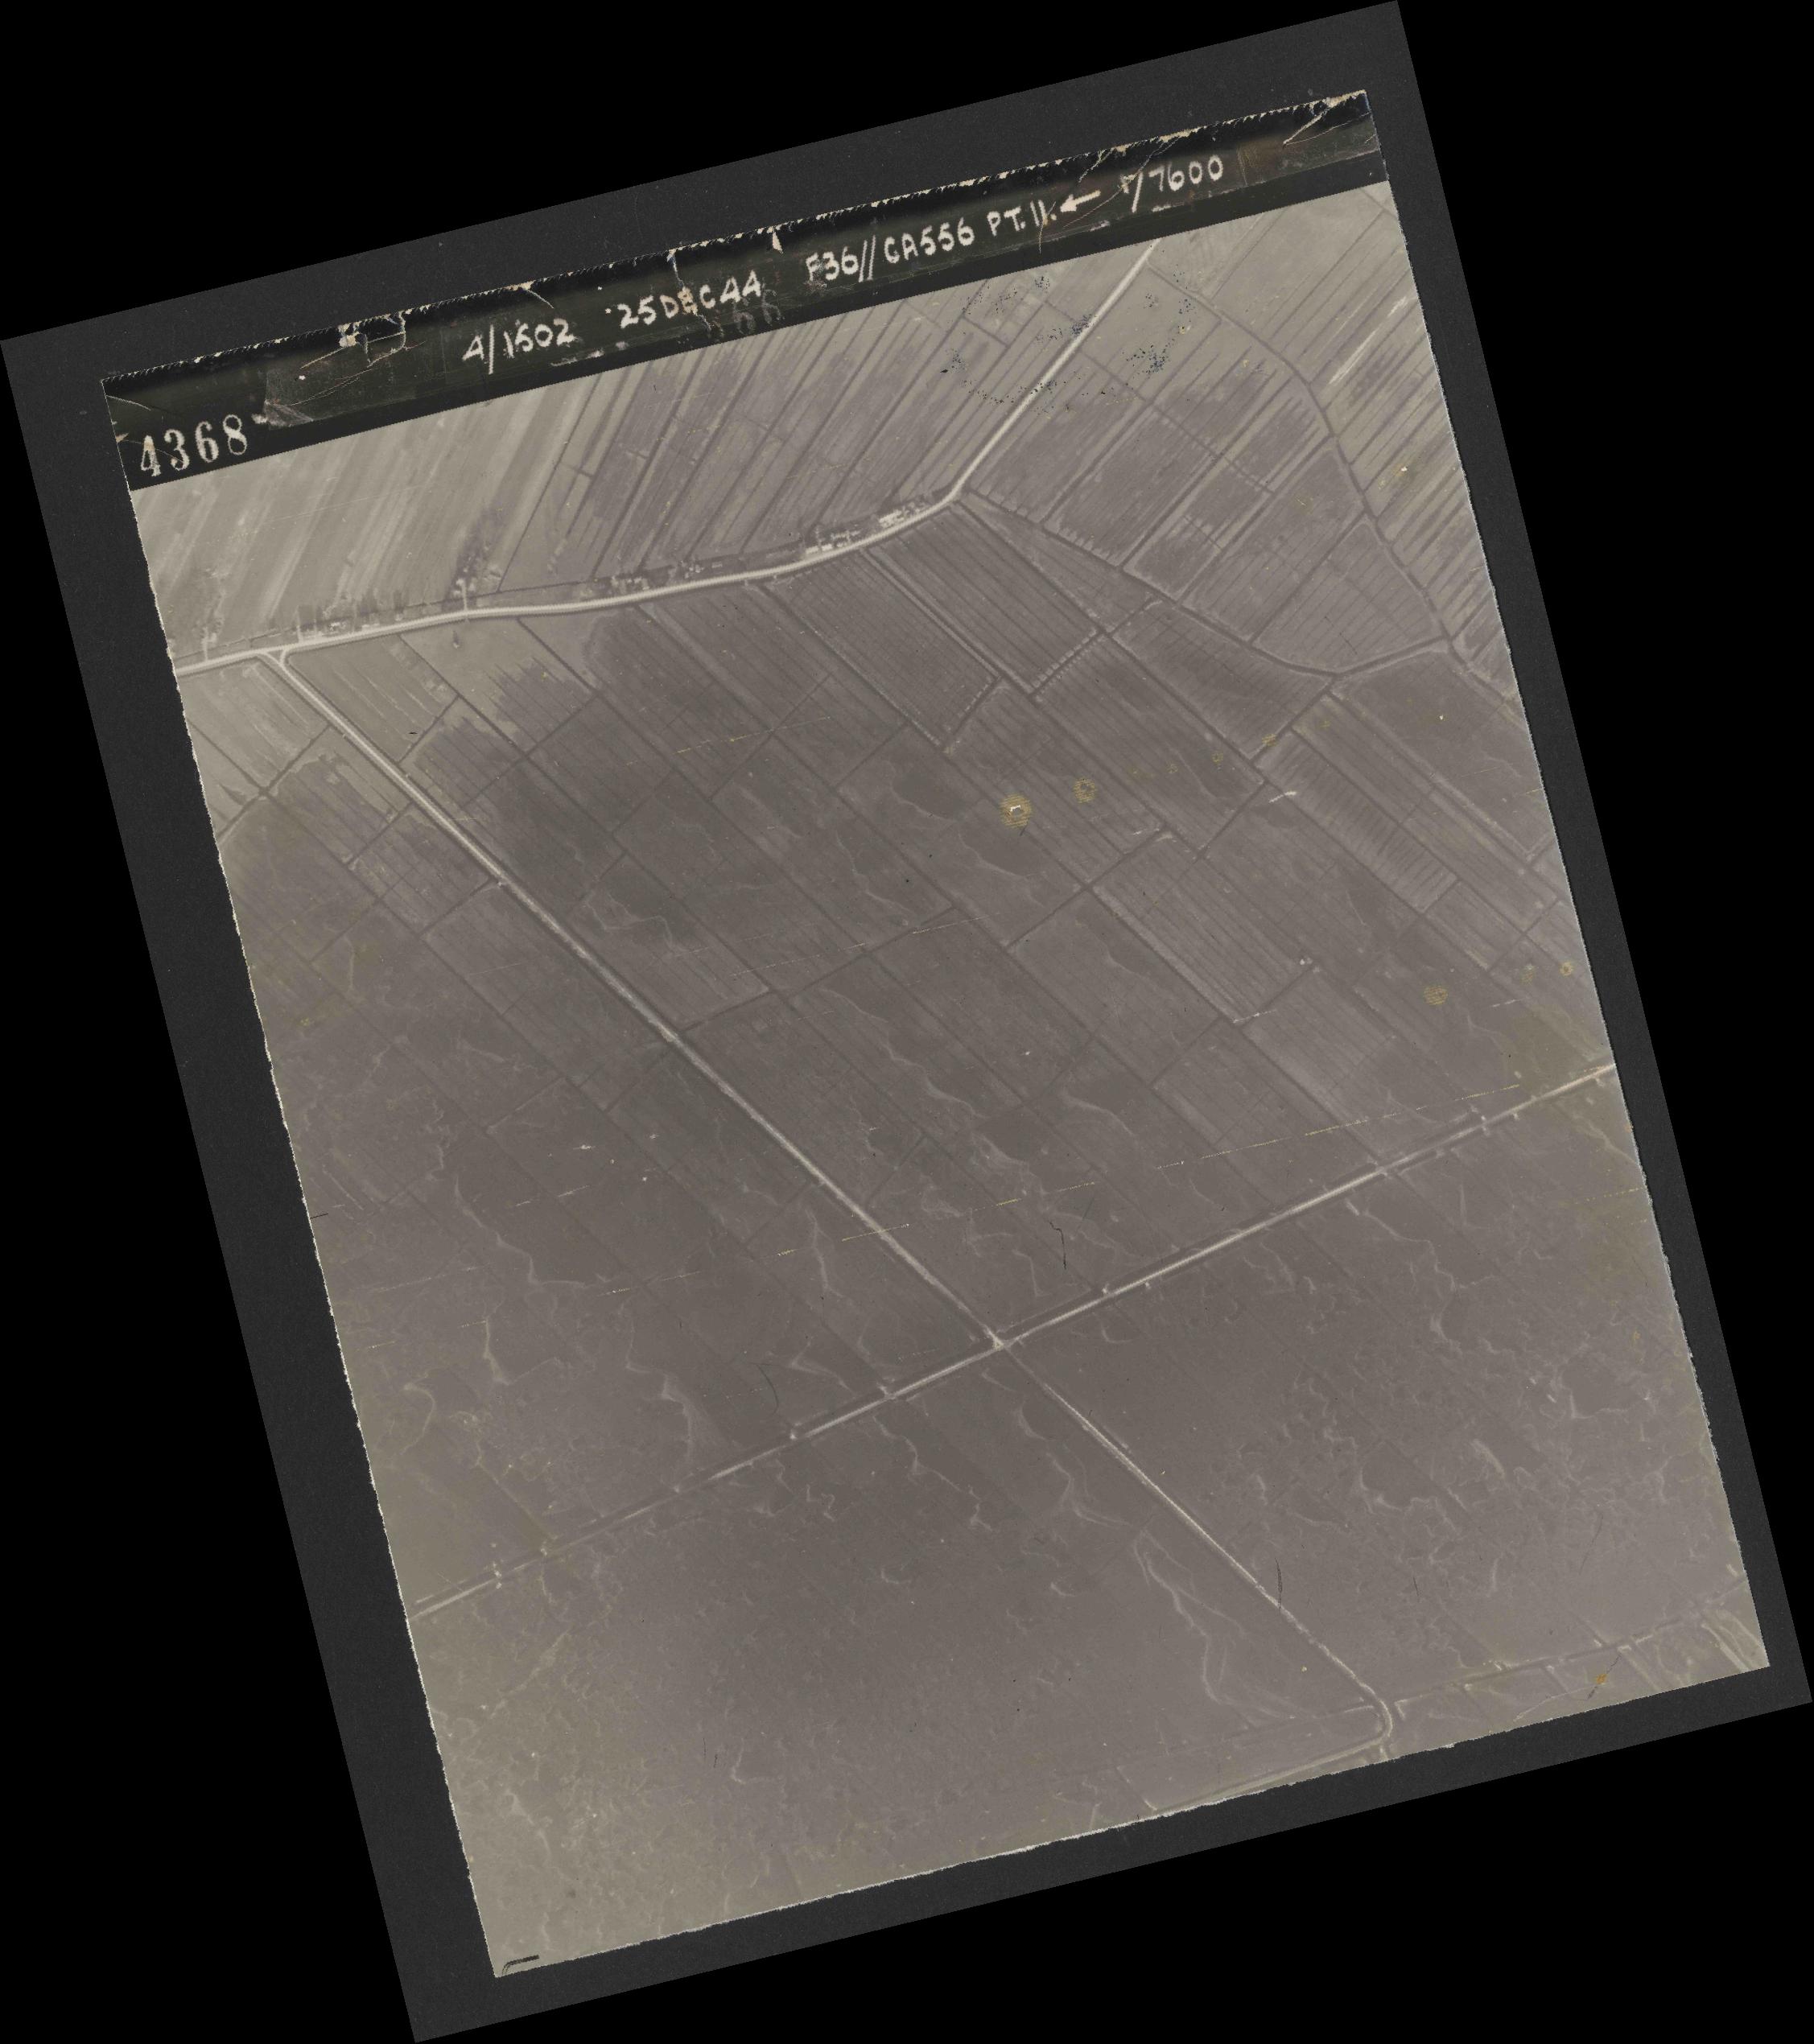 Collection RAF aerial photos 1940-1945 - flight 306, run 11, photo 4368